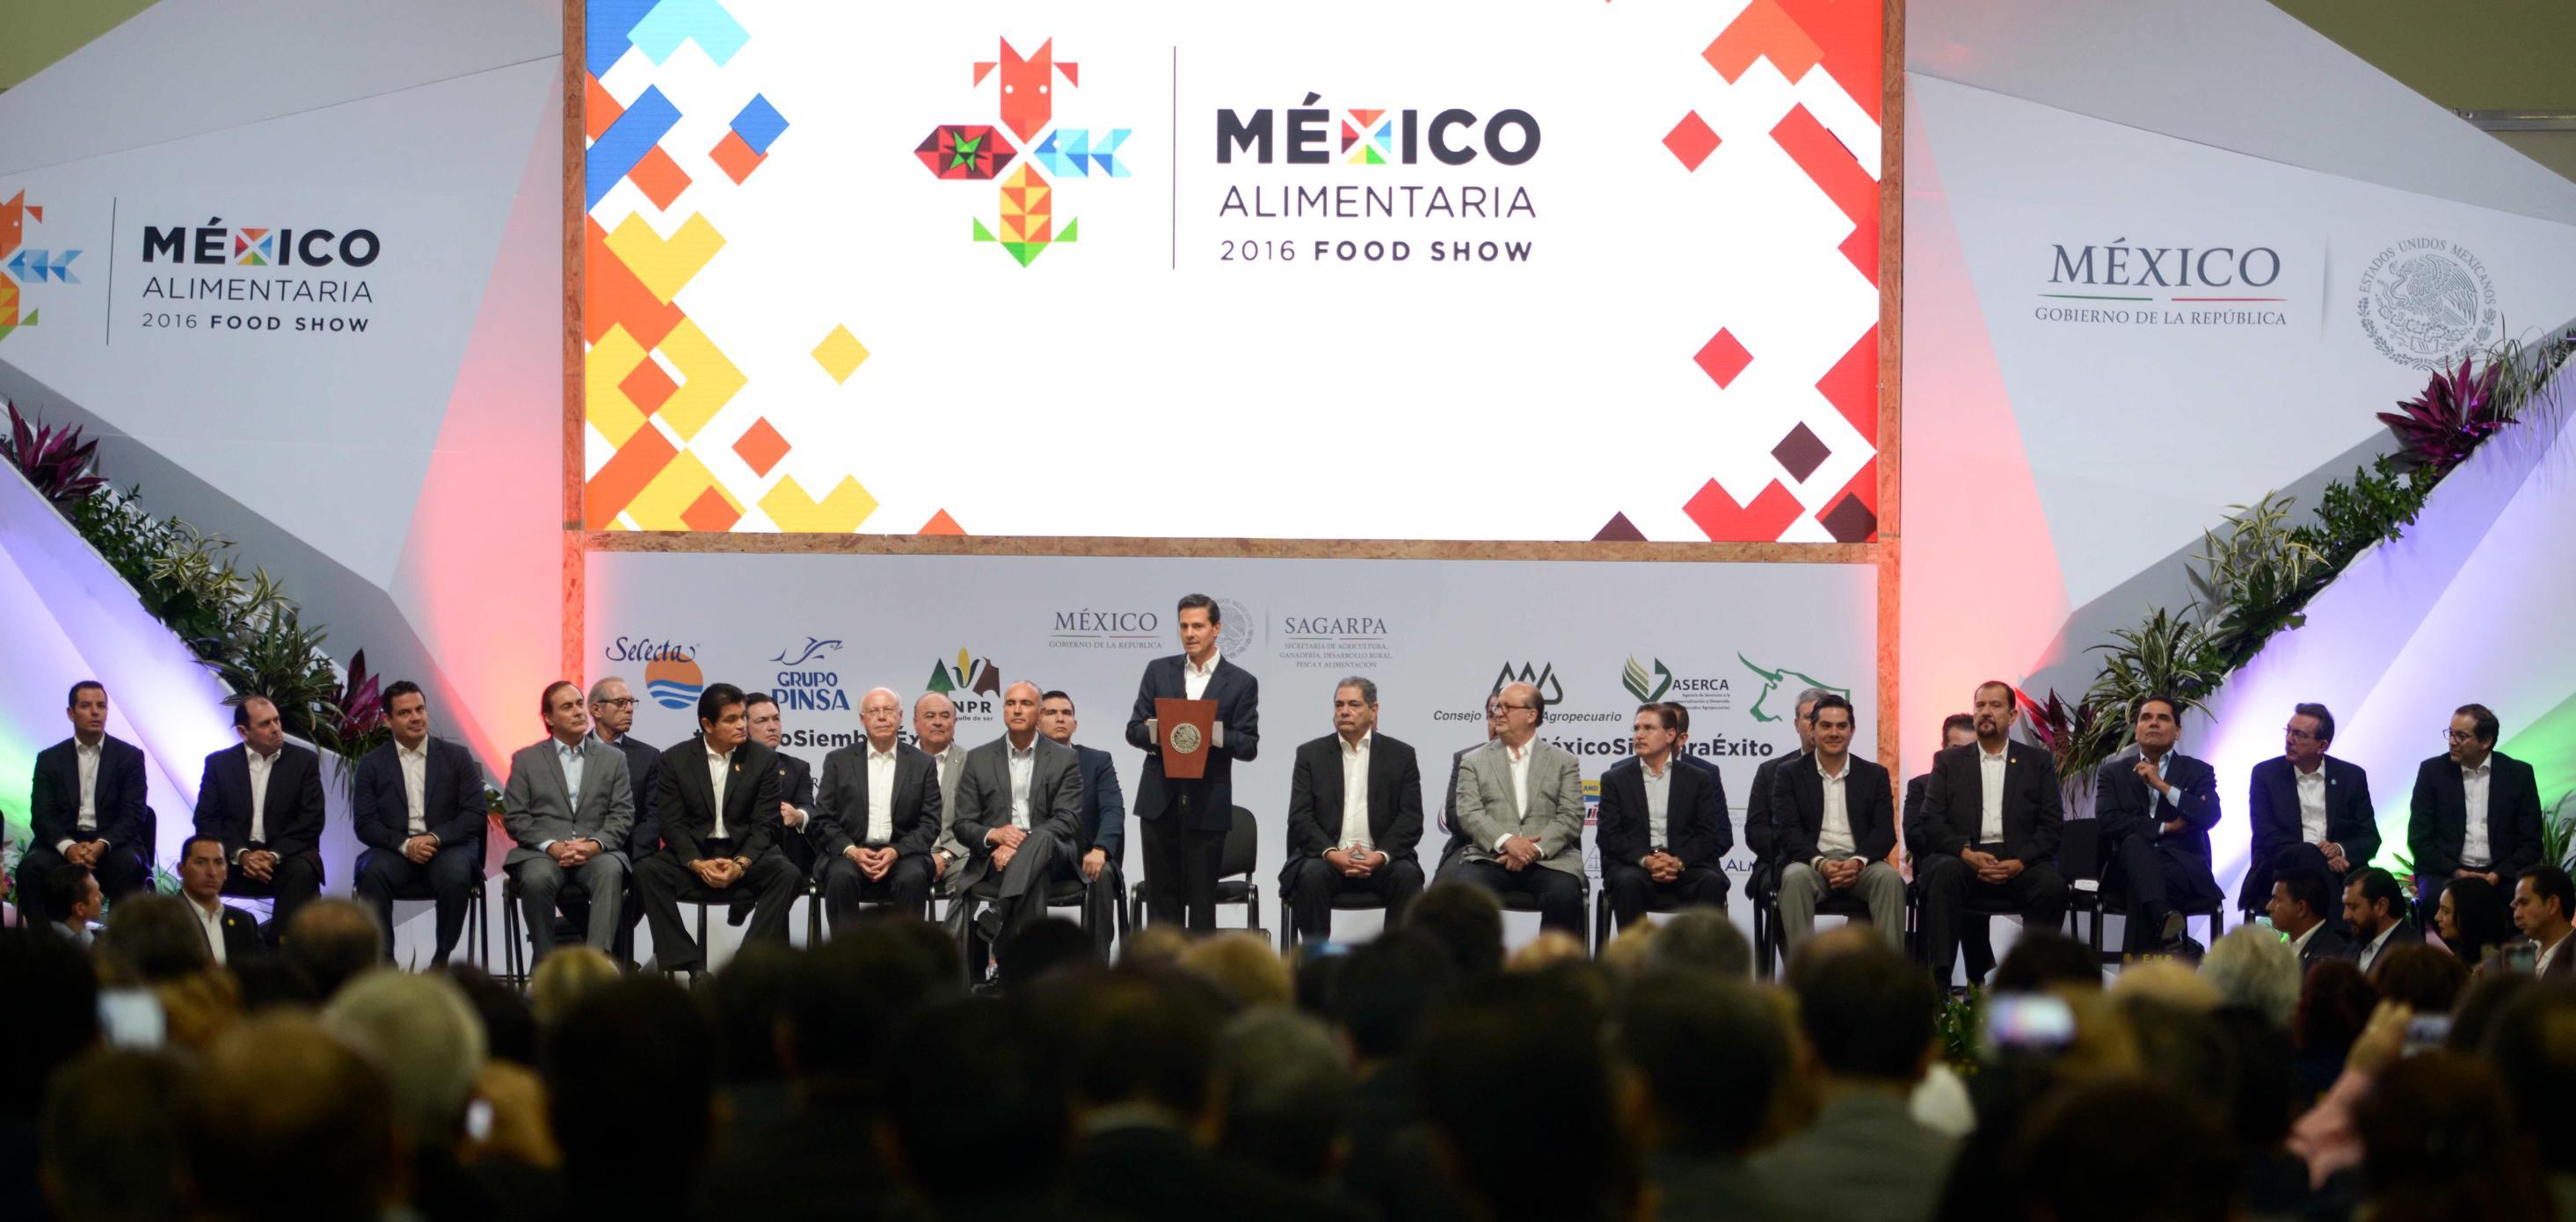 Al aguacate mexicano le llevó 80 años poder ingresar al mercado estadunidense, y actualmente tan sólo el día del Superbowl, en los Estados Unidos se consumen 100 mil toneladas de aguacate. Y de esas, 80 por ciento son de México.